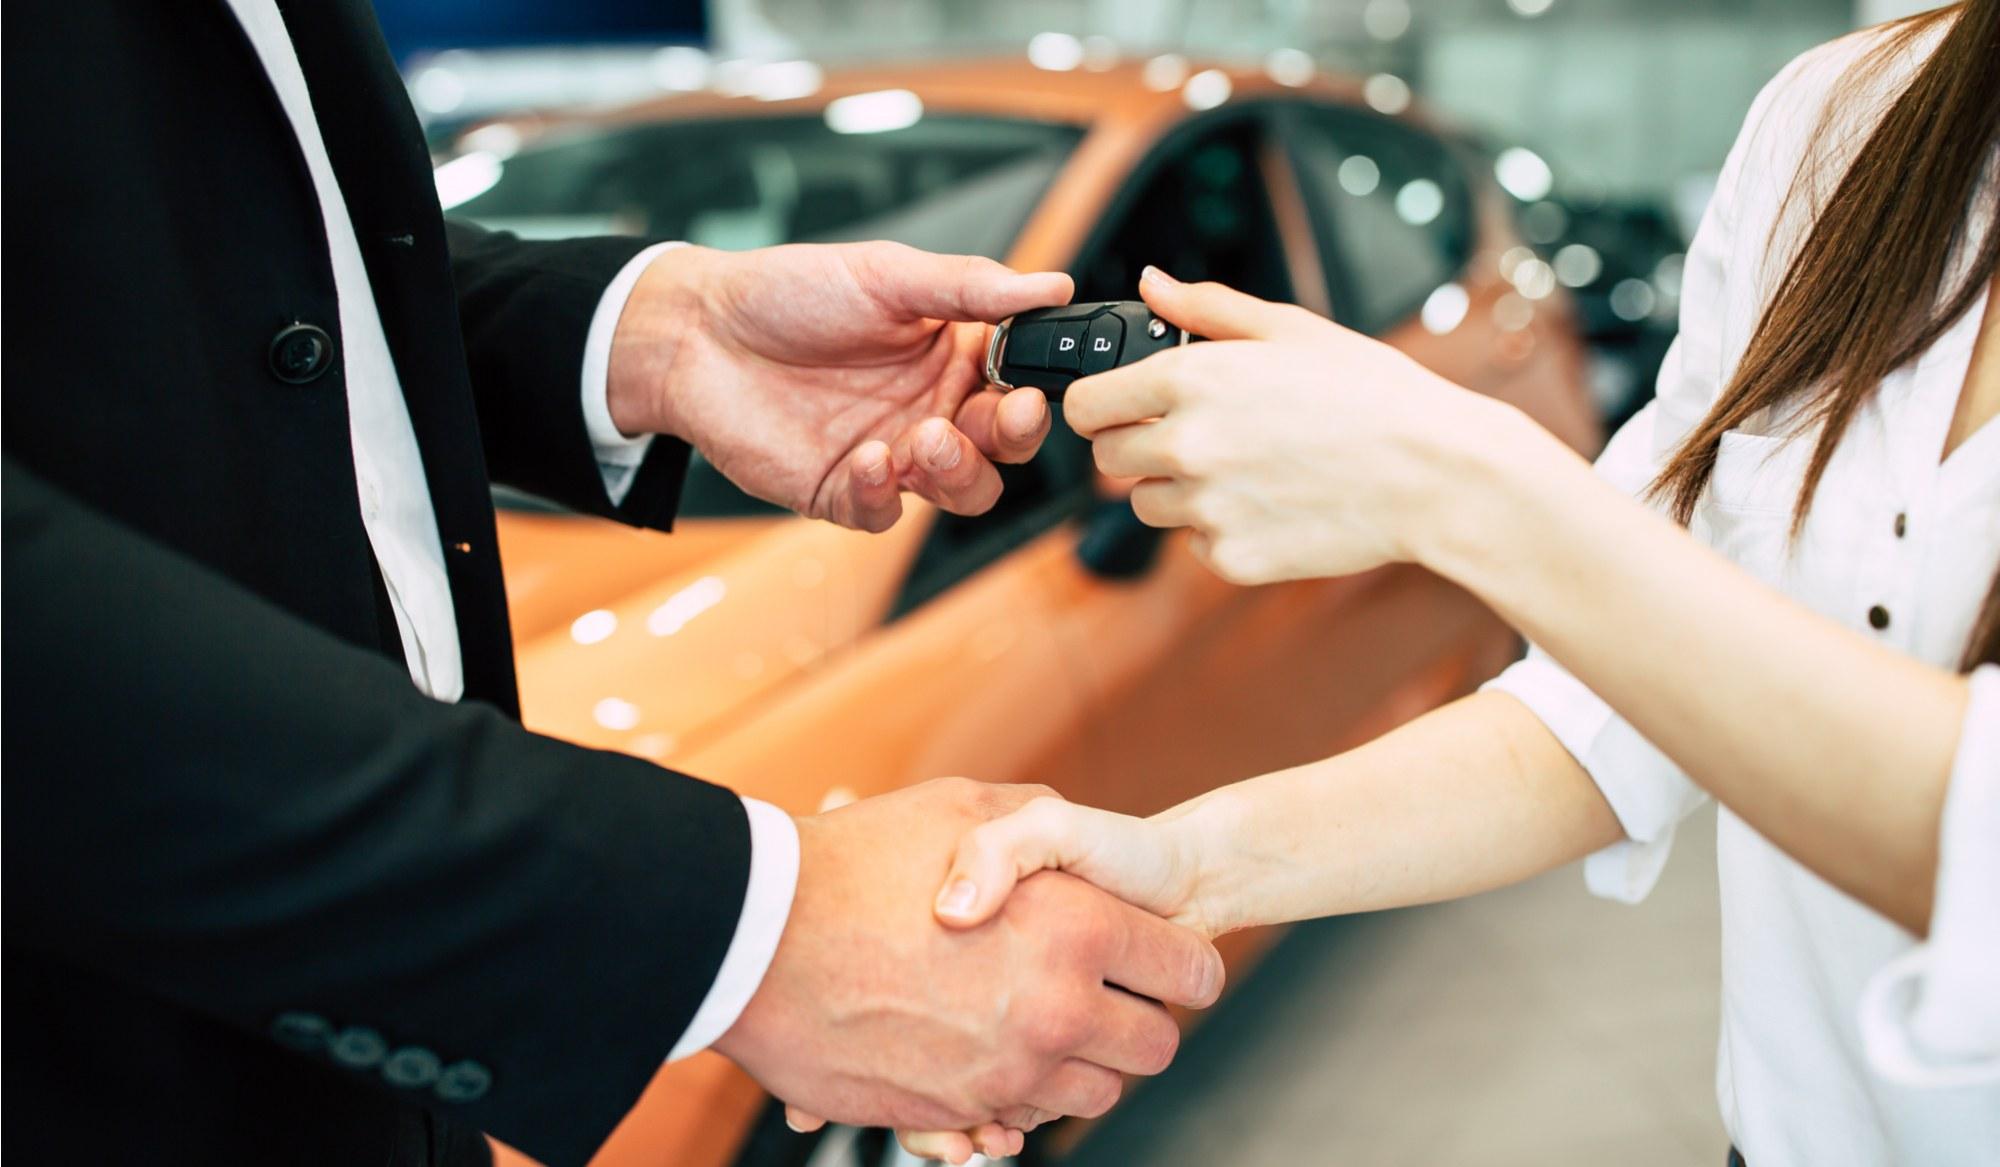 Flotte automobile en leasing : avantages et inconvénients